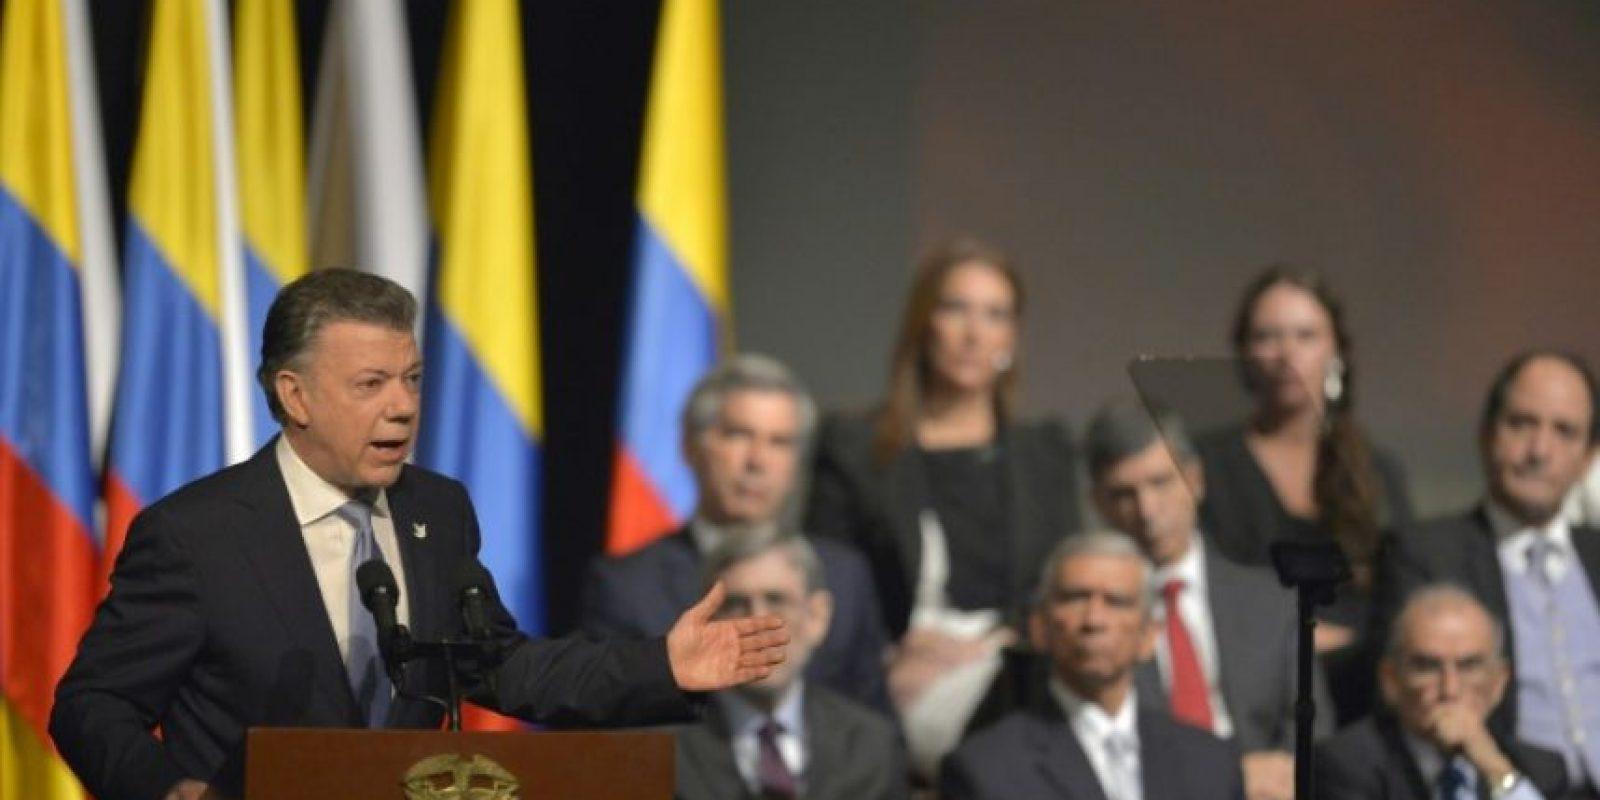 El presidente de Colombia, Juan Manuel Santos, da un discurso tras la firma del histórico acuerdo entre el gobierno y la guerrilla de las FARC, en el teatro Colón, en Bogotá, el 24 de noviembre de 2016 Foto:Luis Robayo/afp.com